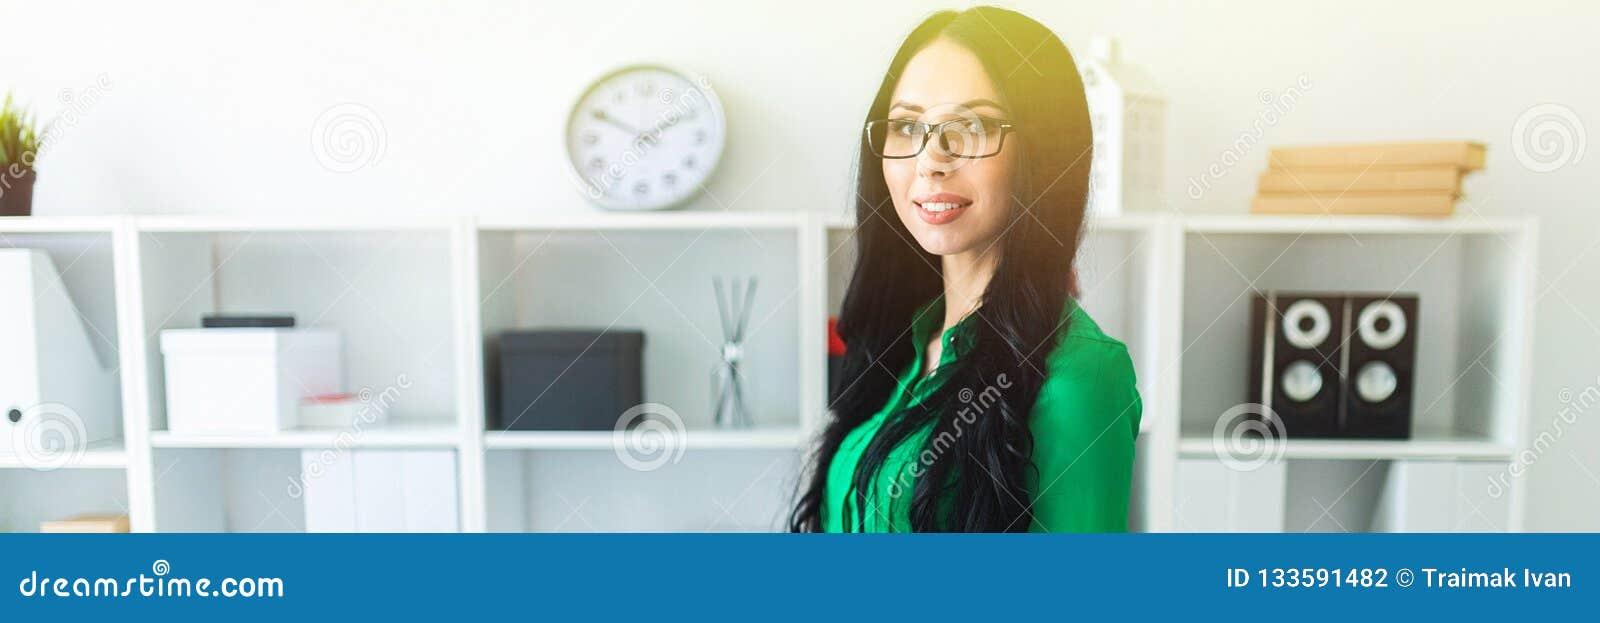 Una chica joven en vidrios se coloca en la oficina y pone sus manos en la parte de atrás de la silla